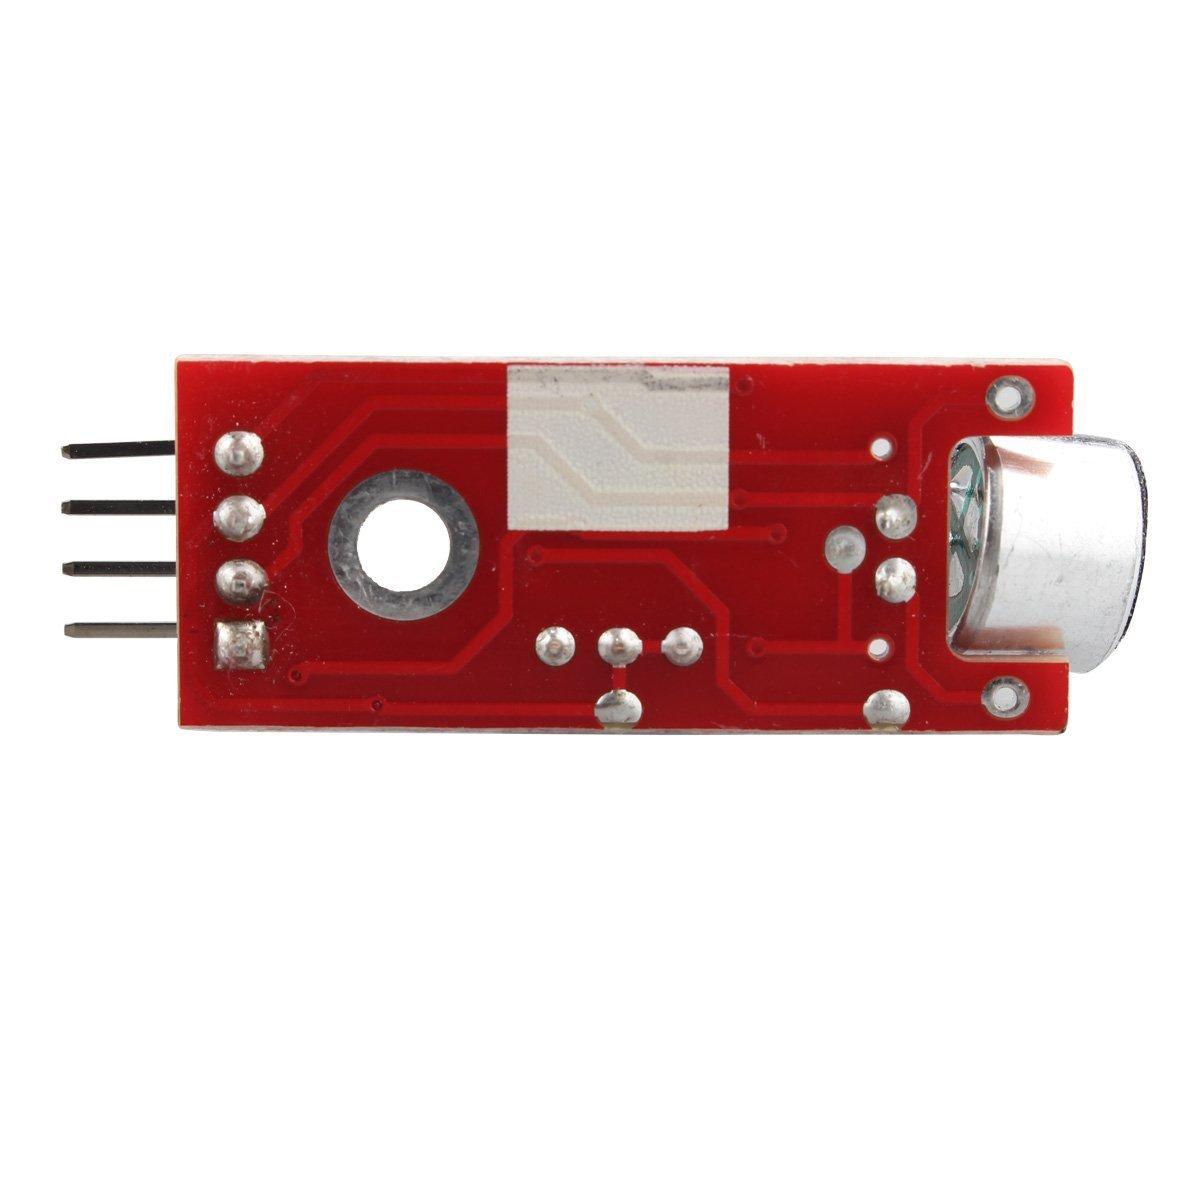 Haljia modulo sensore di rilevamento del suono vocale per microfono ad alta sensibilit/à per Raspberry Pi Arduino AVR PIC